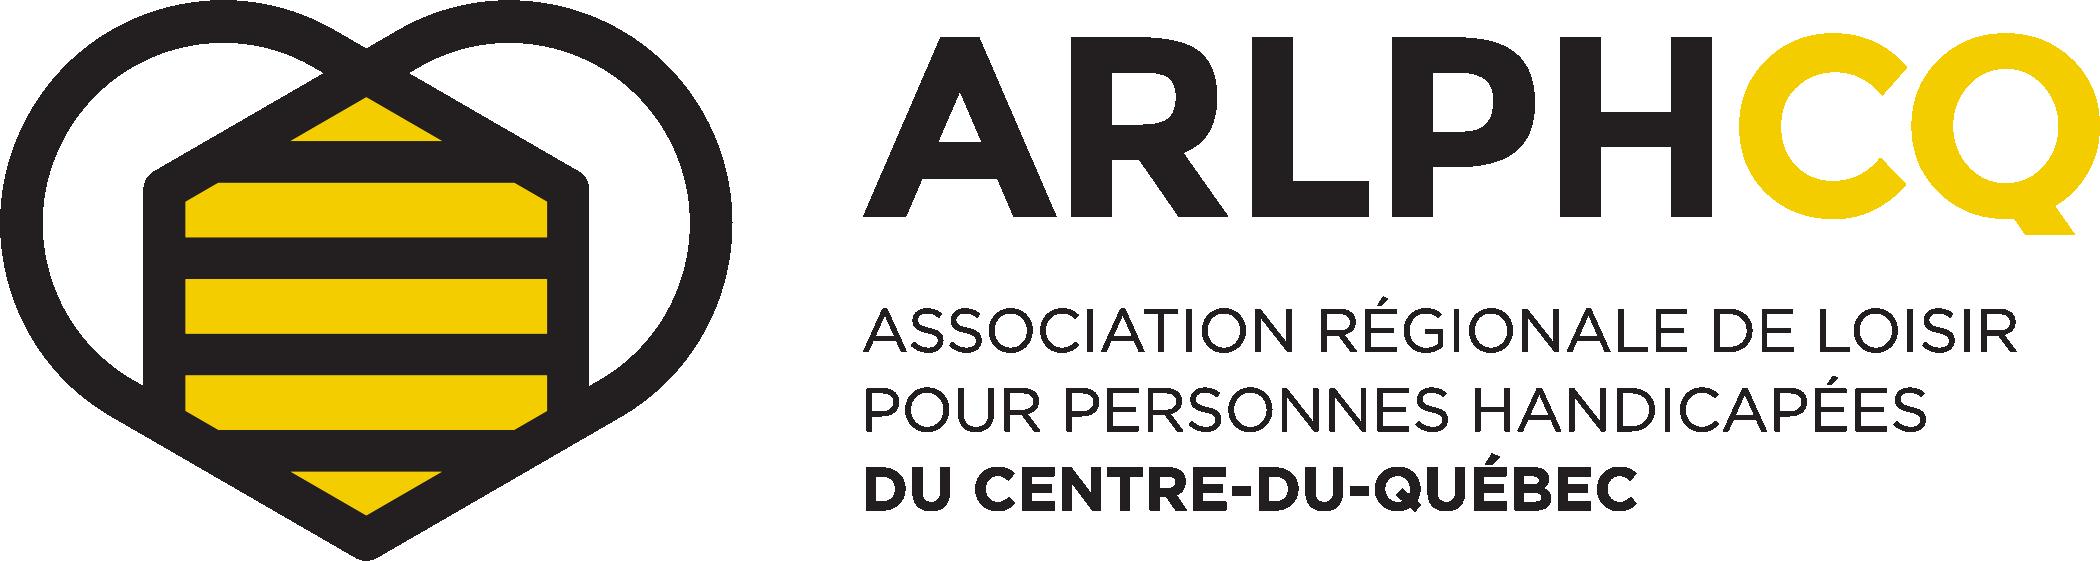 Association régionale de loisir pour personnes handicapées du Centre-du-Québec